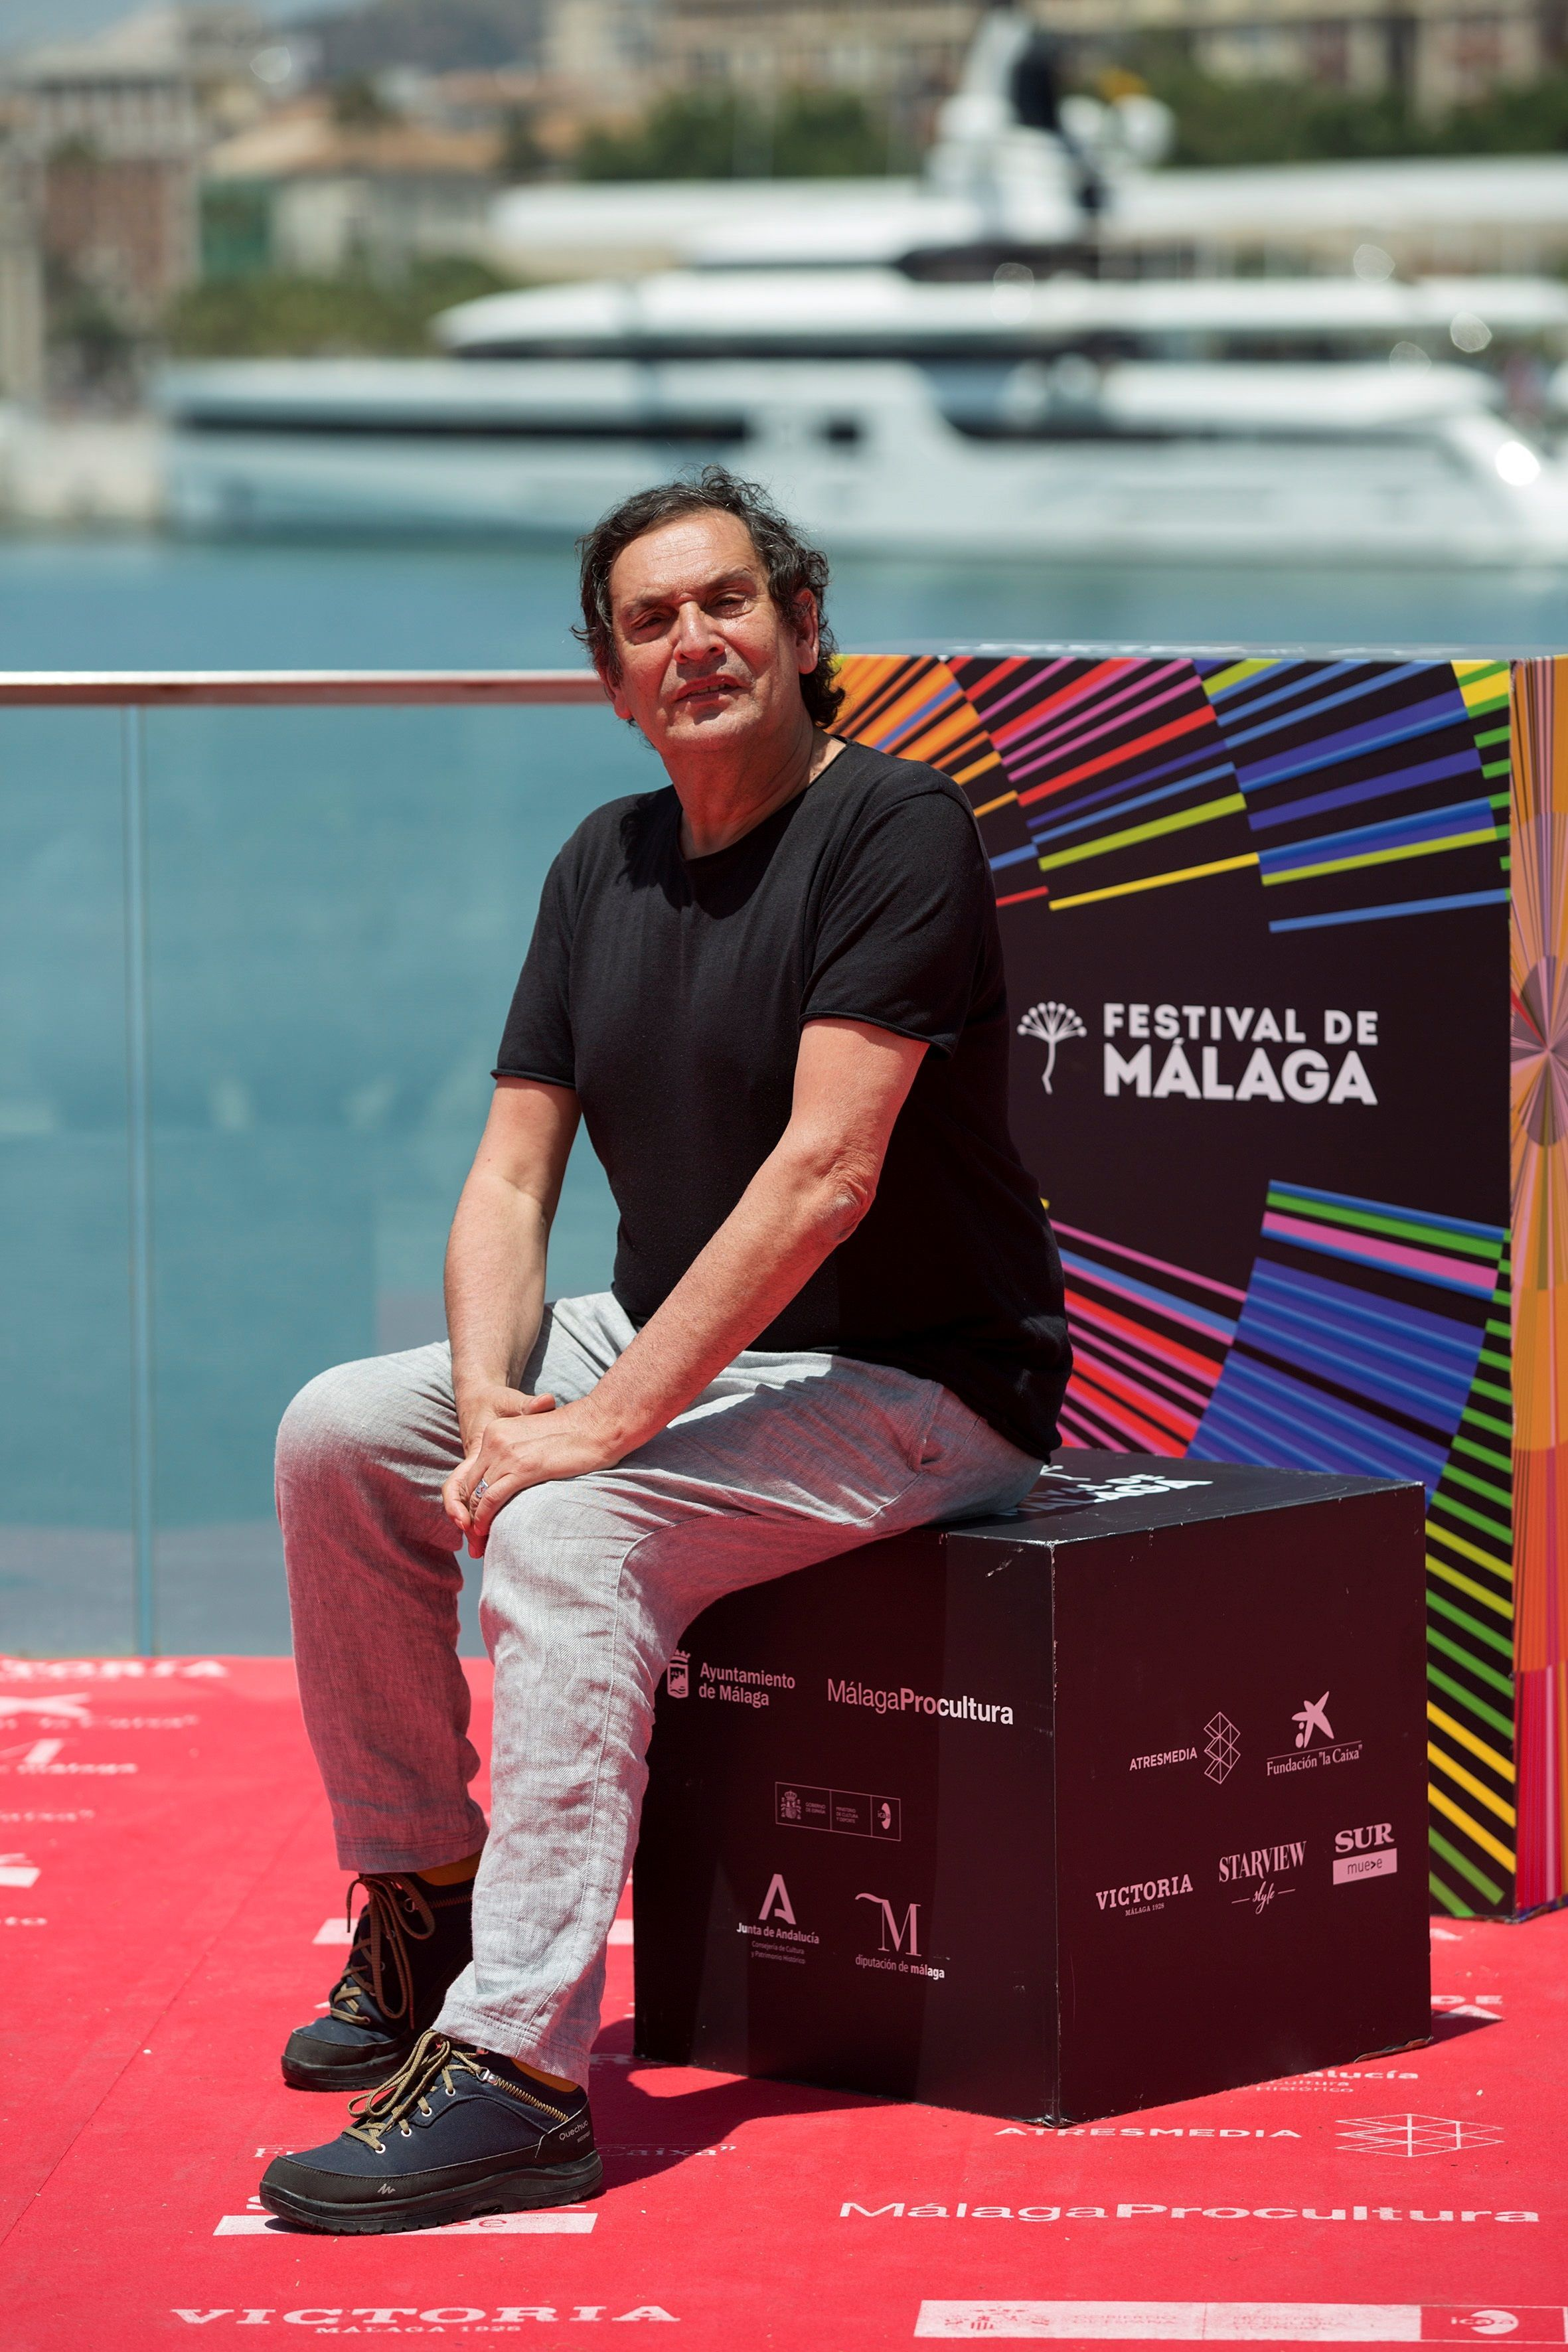 El director Agustí  VIllaronga posa durante la presentación de su película 'El ventre del mar'.